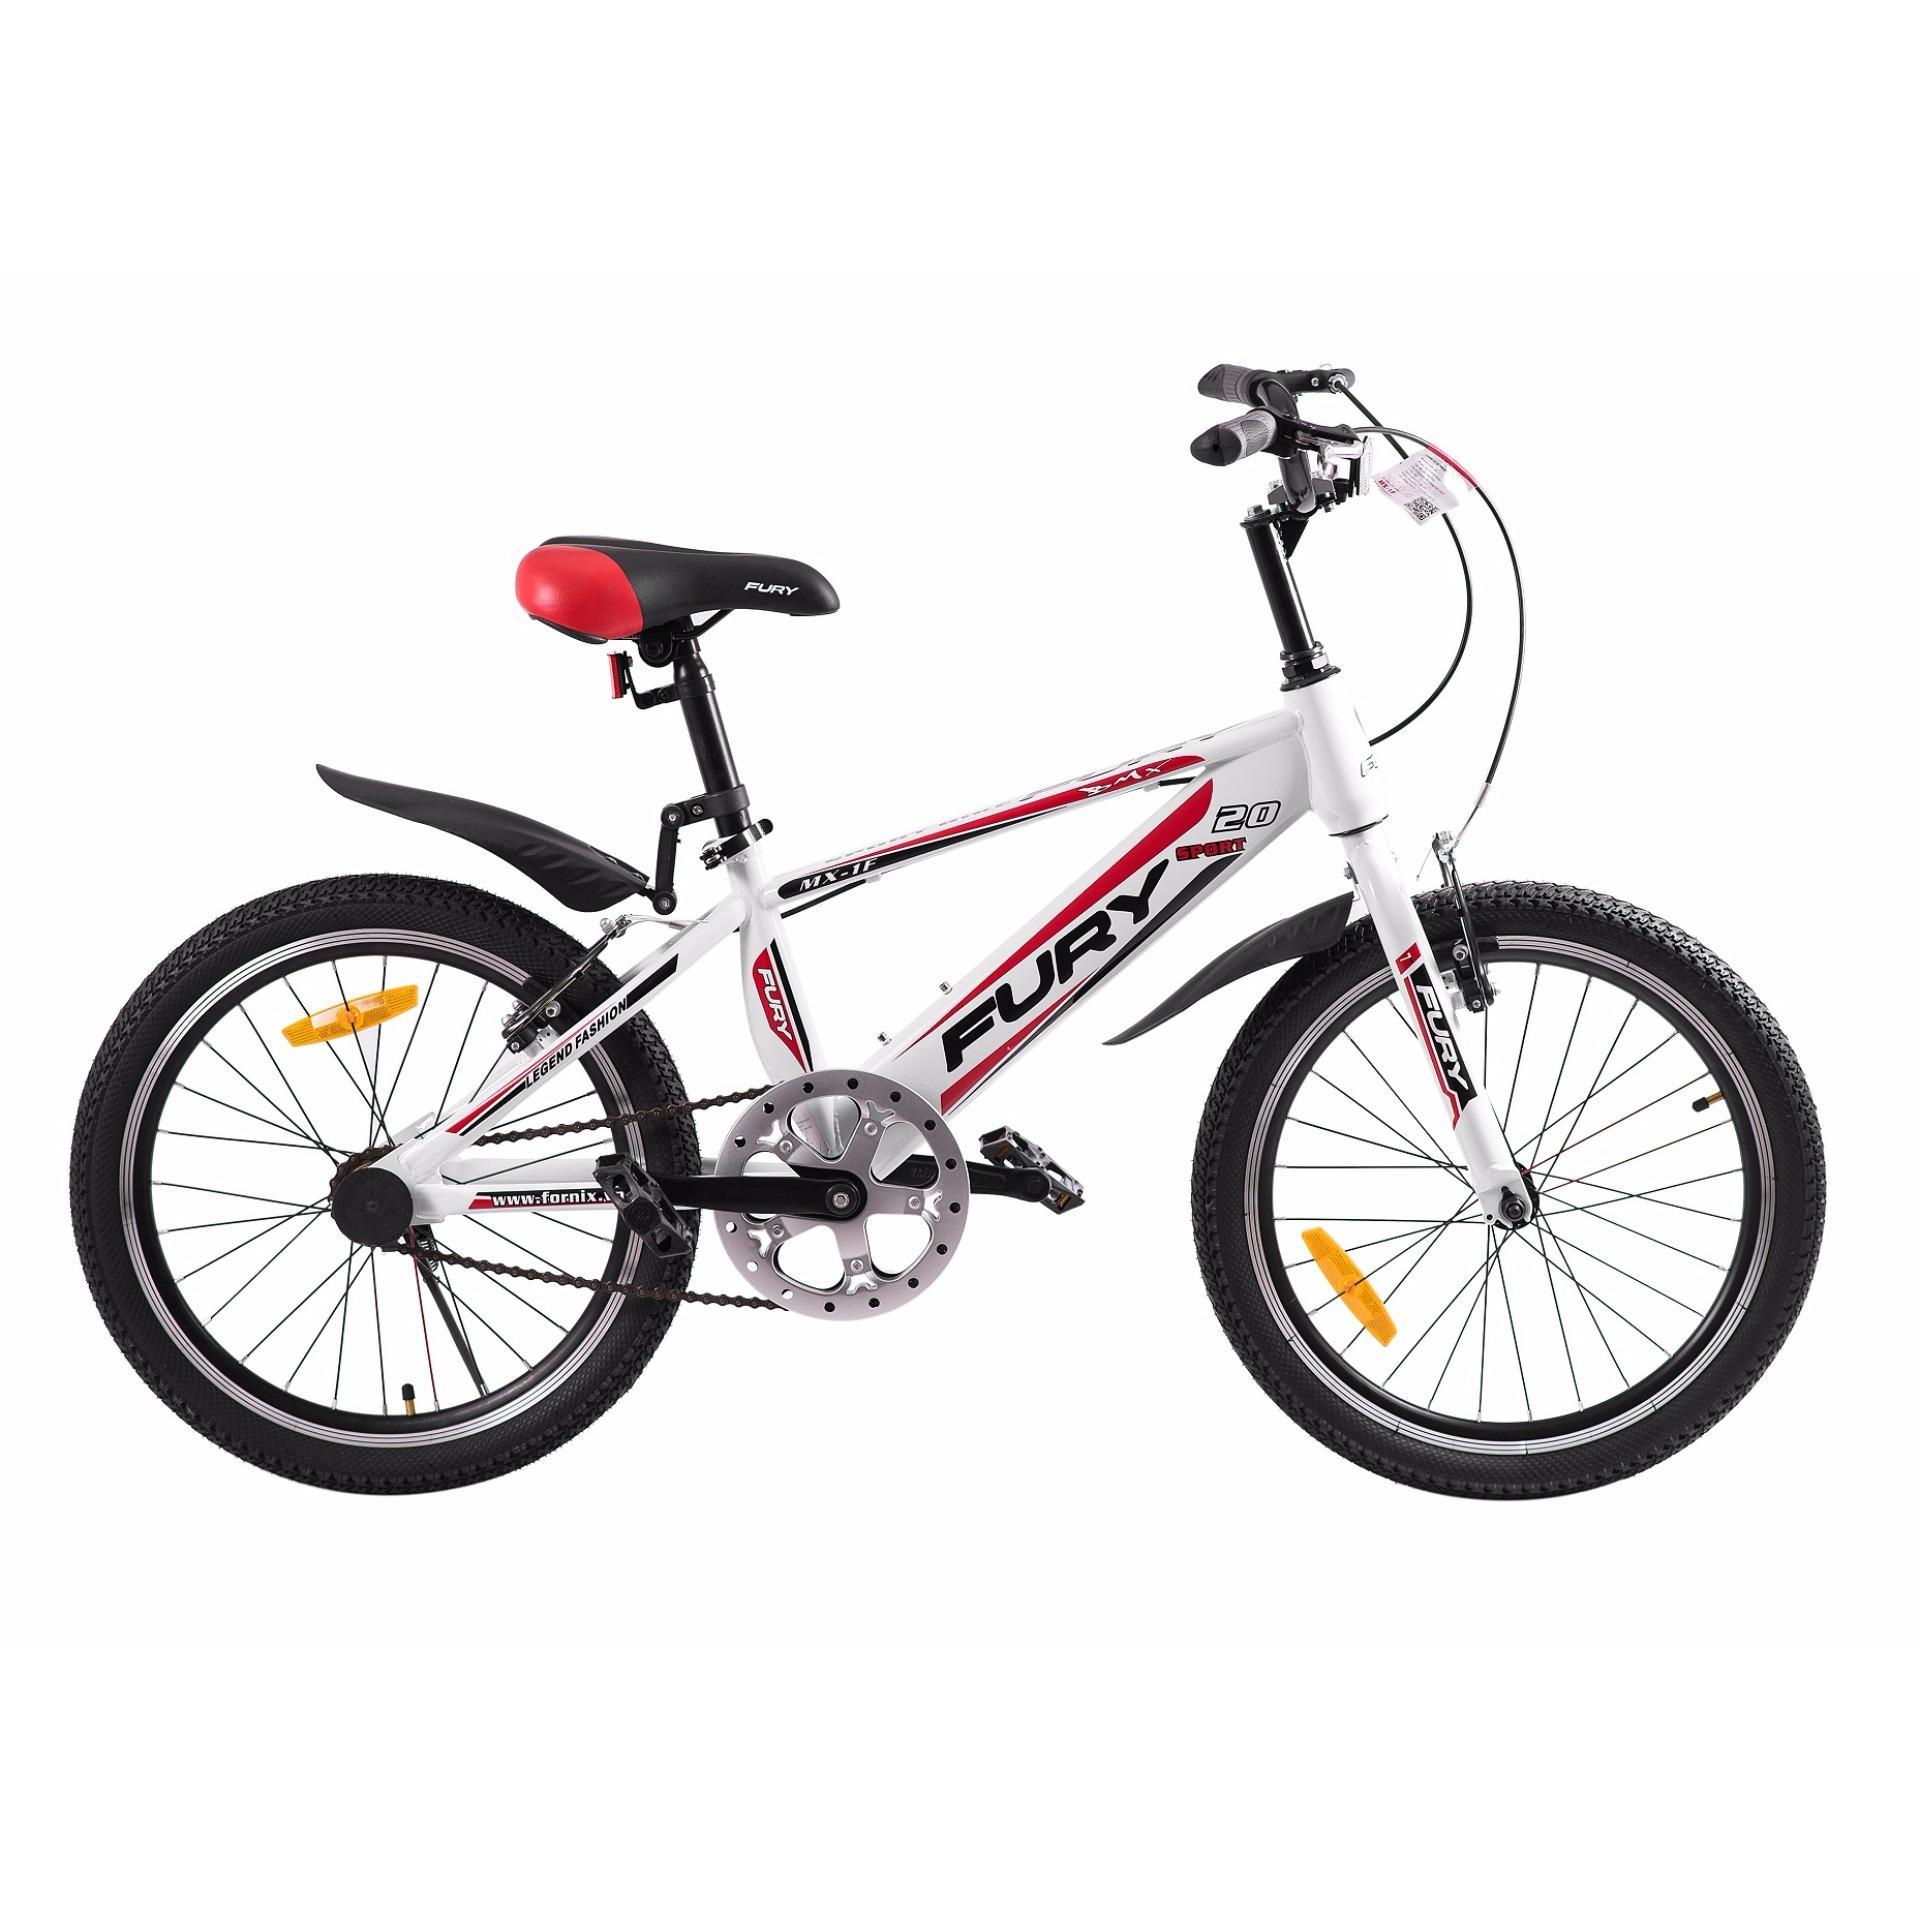 Xe đạp BMX, hiệu FURY, mã MX-1F ( trắng đỏ )